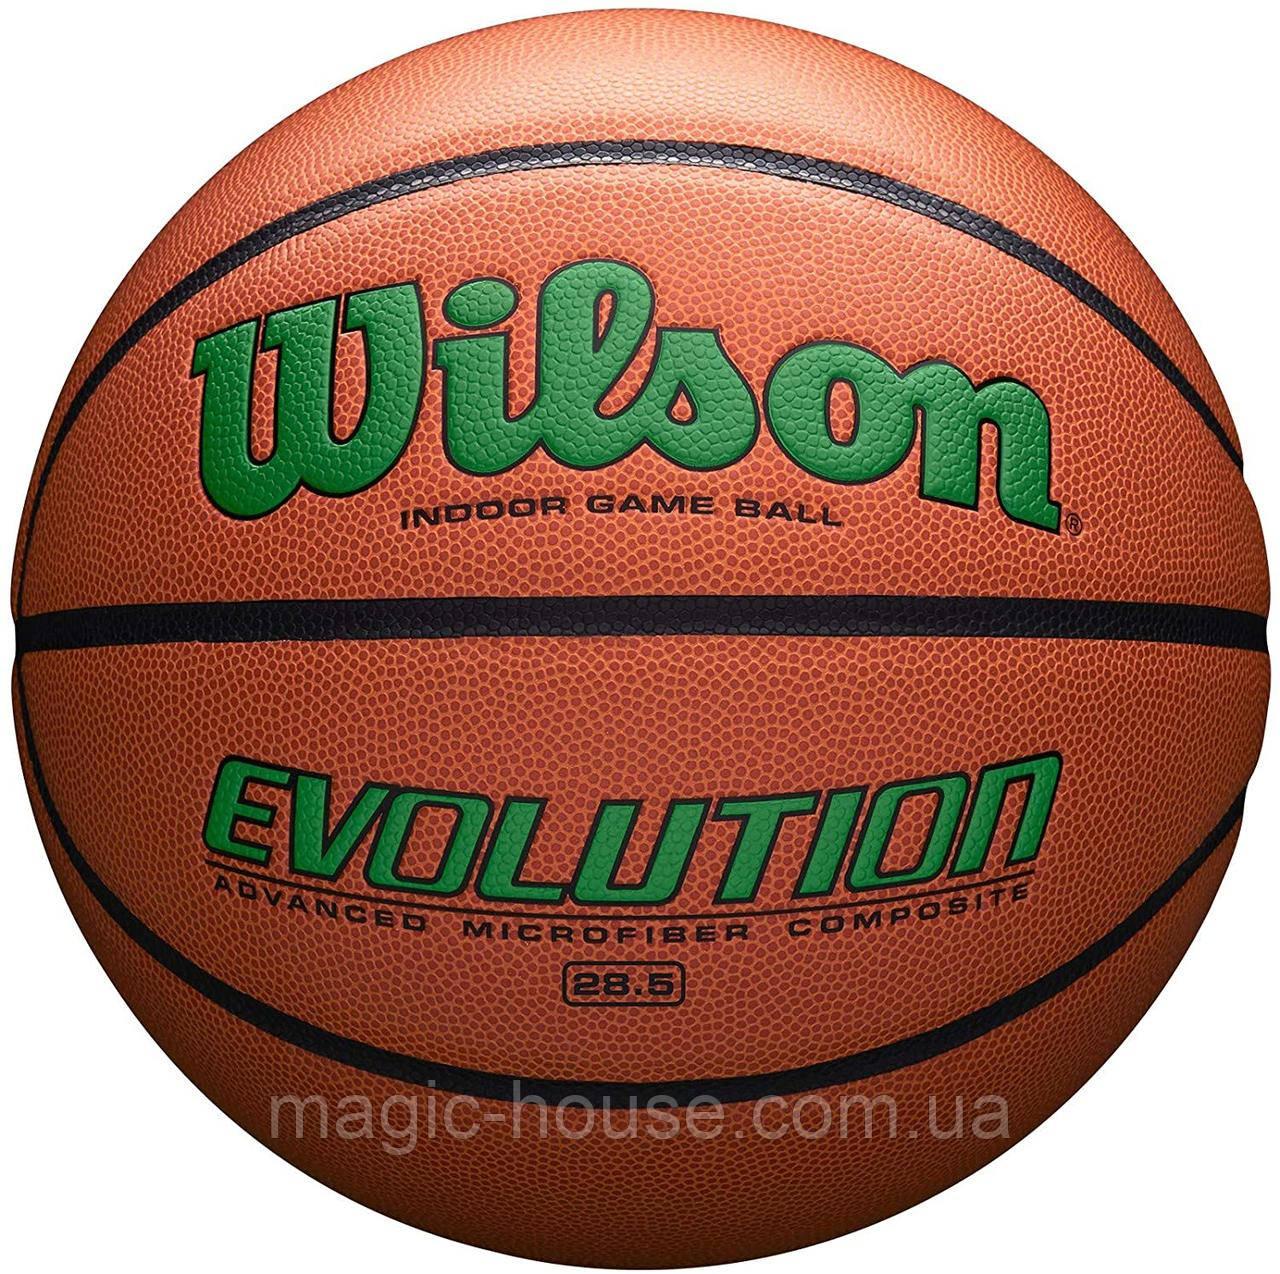 Мяч баскетбольный WILSON Evolution Game Basketball оригинал  Size 6, 28.5 композитная кожа